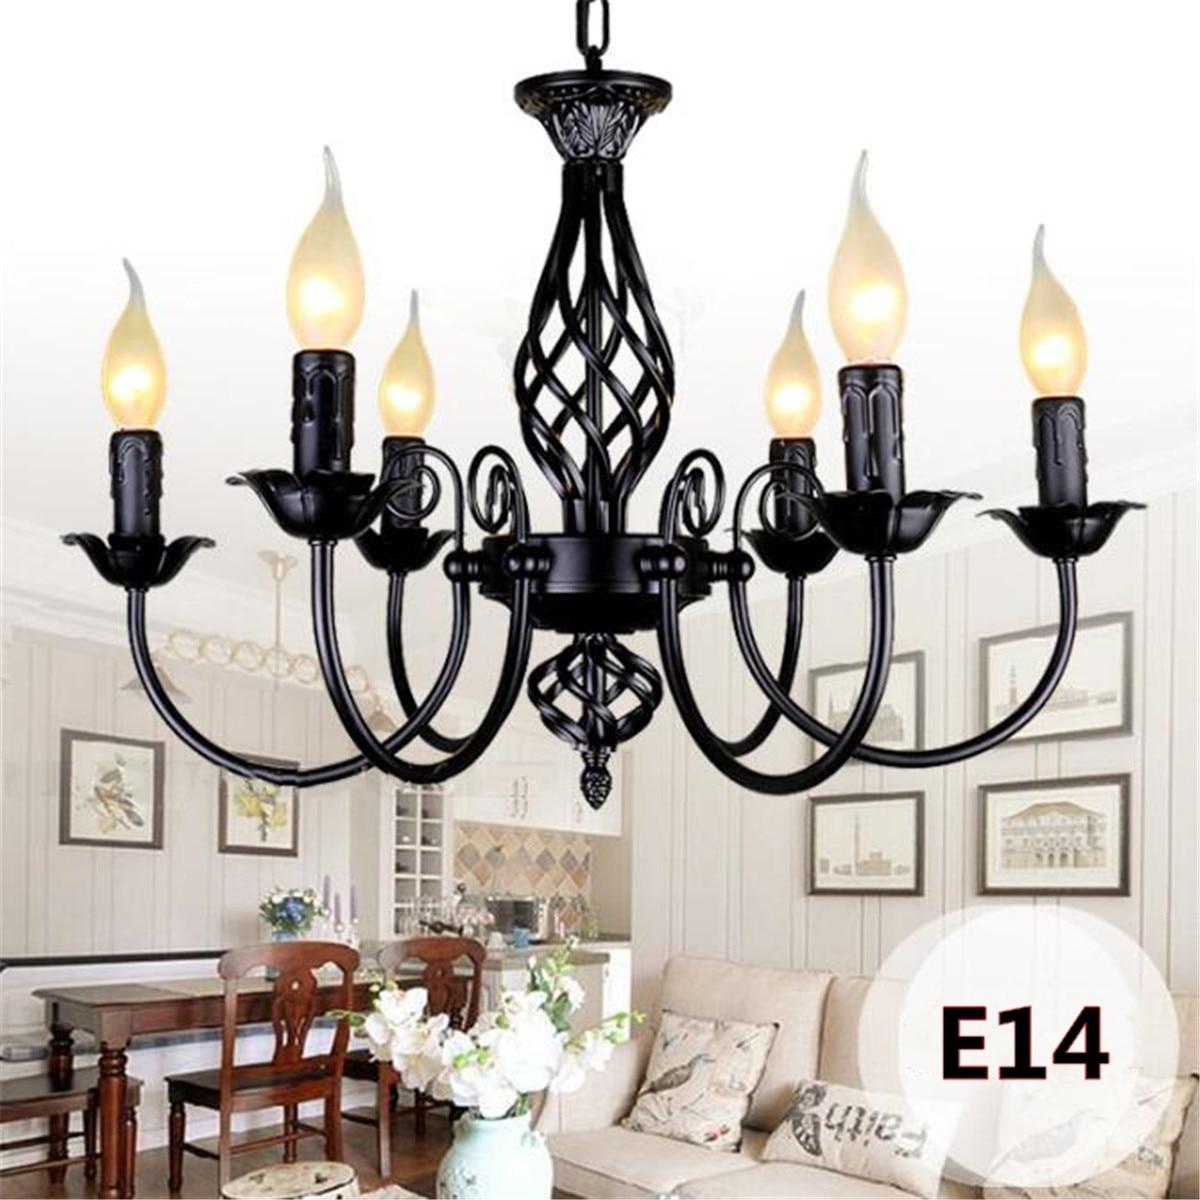 Rétro industriel Lustre lumière 3/4/5/6 têtes européennes en fer forgé lampes pour salon Bar Restaurant E14 Lustre Luminaria